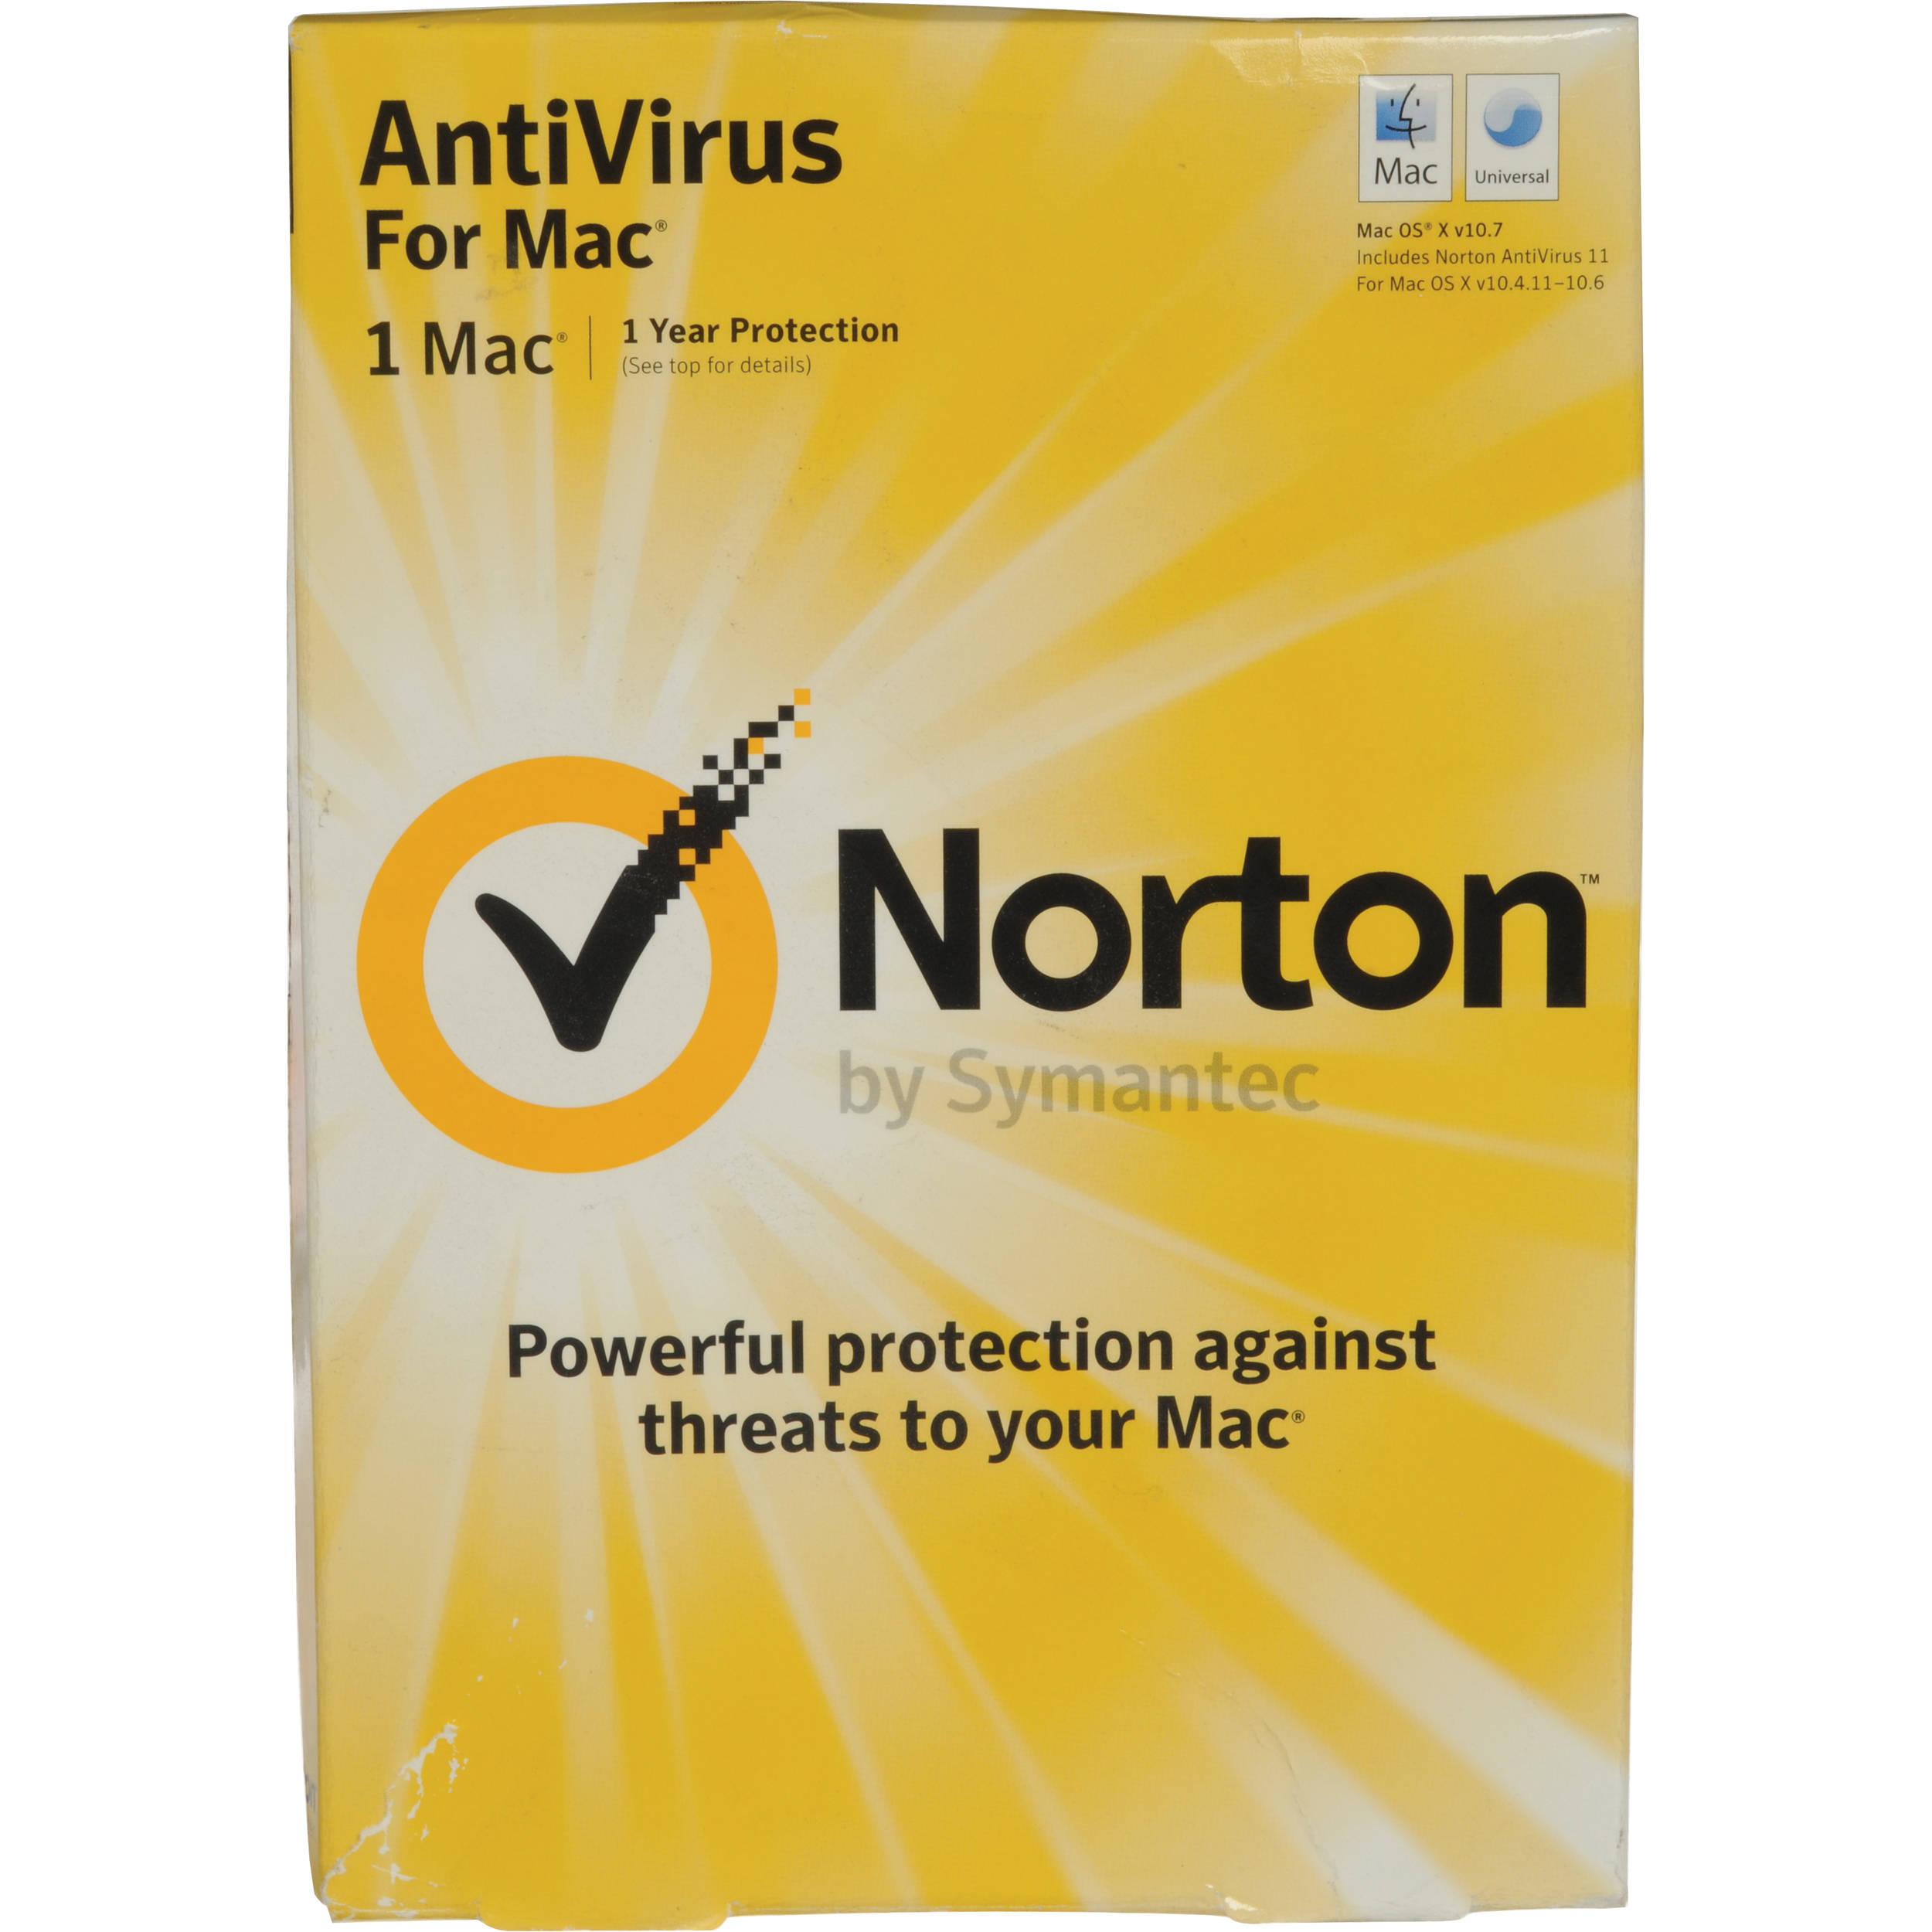 antivirus mac os x 10.4.11